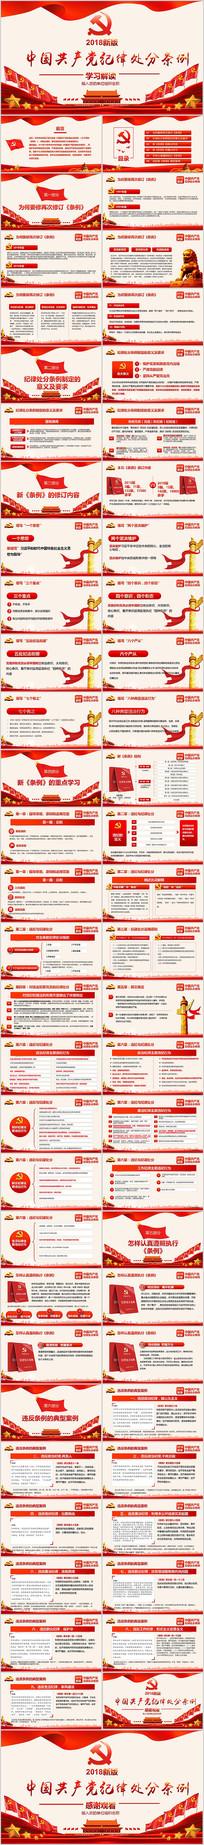 新版中国共产党纪律处分条例PPT